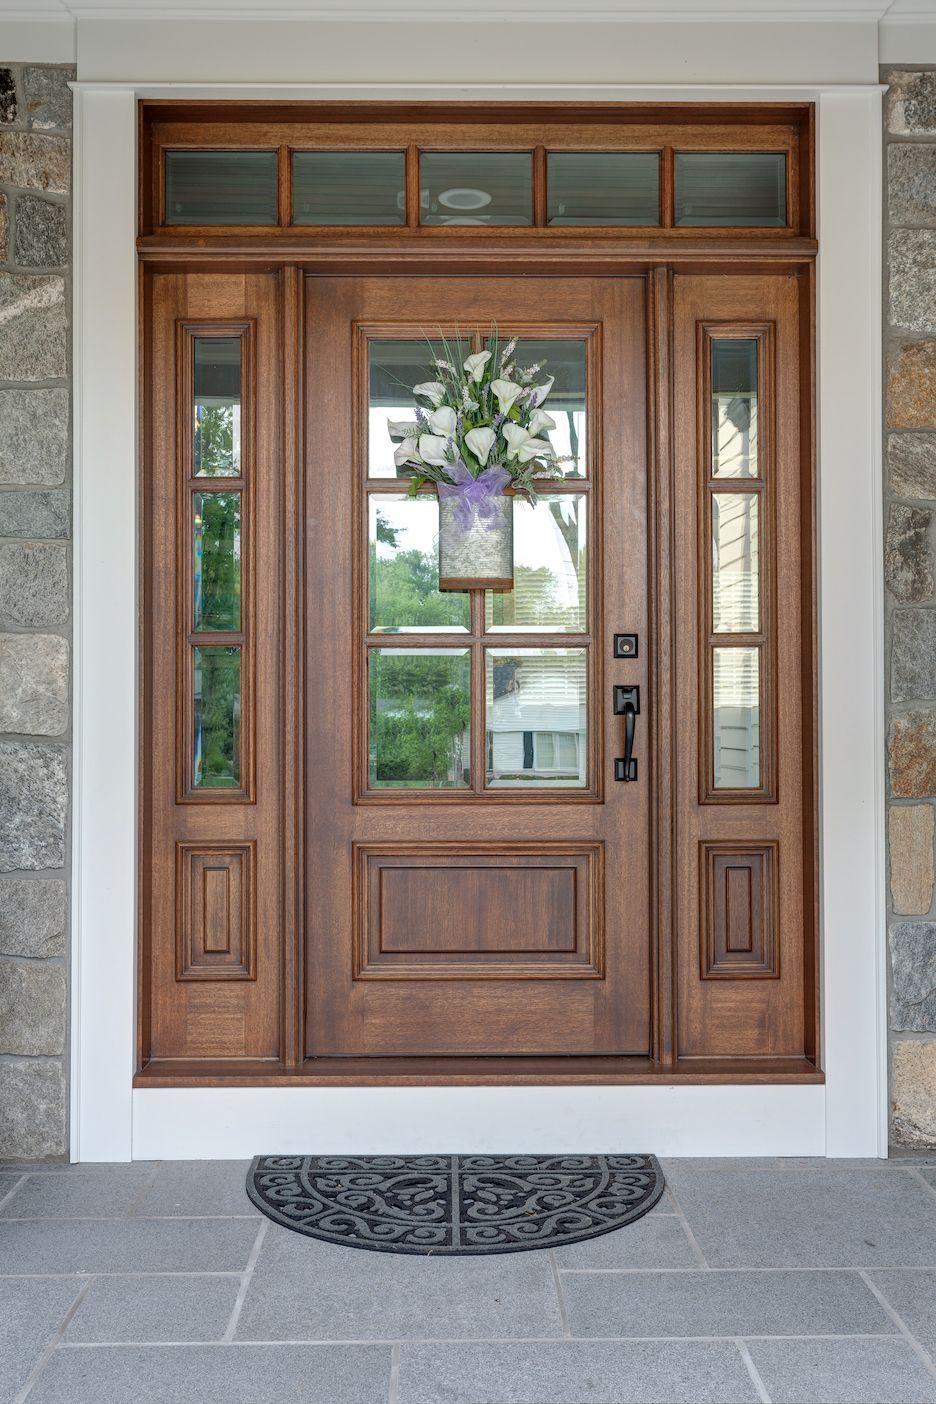 Home In 2019 Window Seats Amp Front Doors Pella Doors Doors Craftsman Front Doors Traditional Front Doors Front Door Design